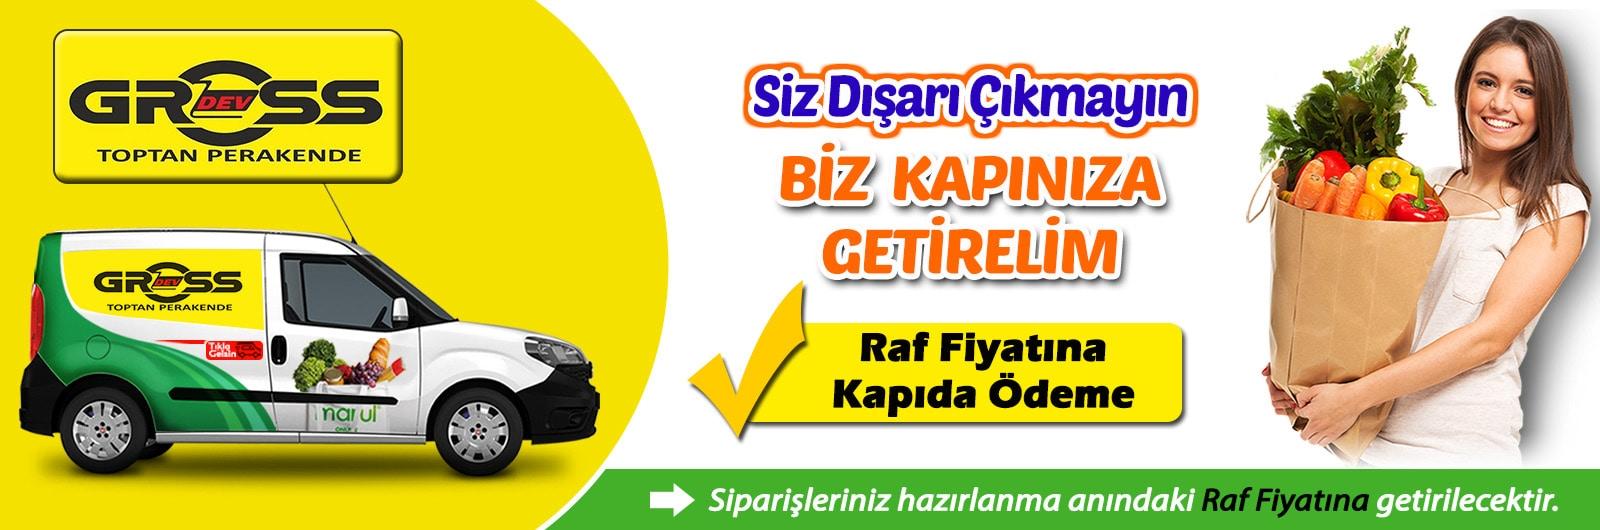 Kahramanmaraş Devgross online market siparişi